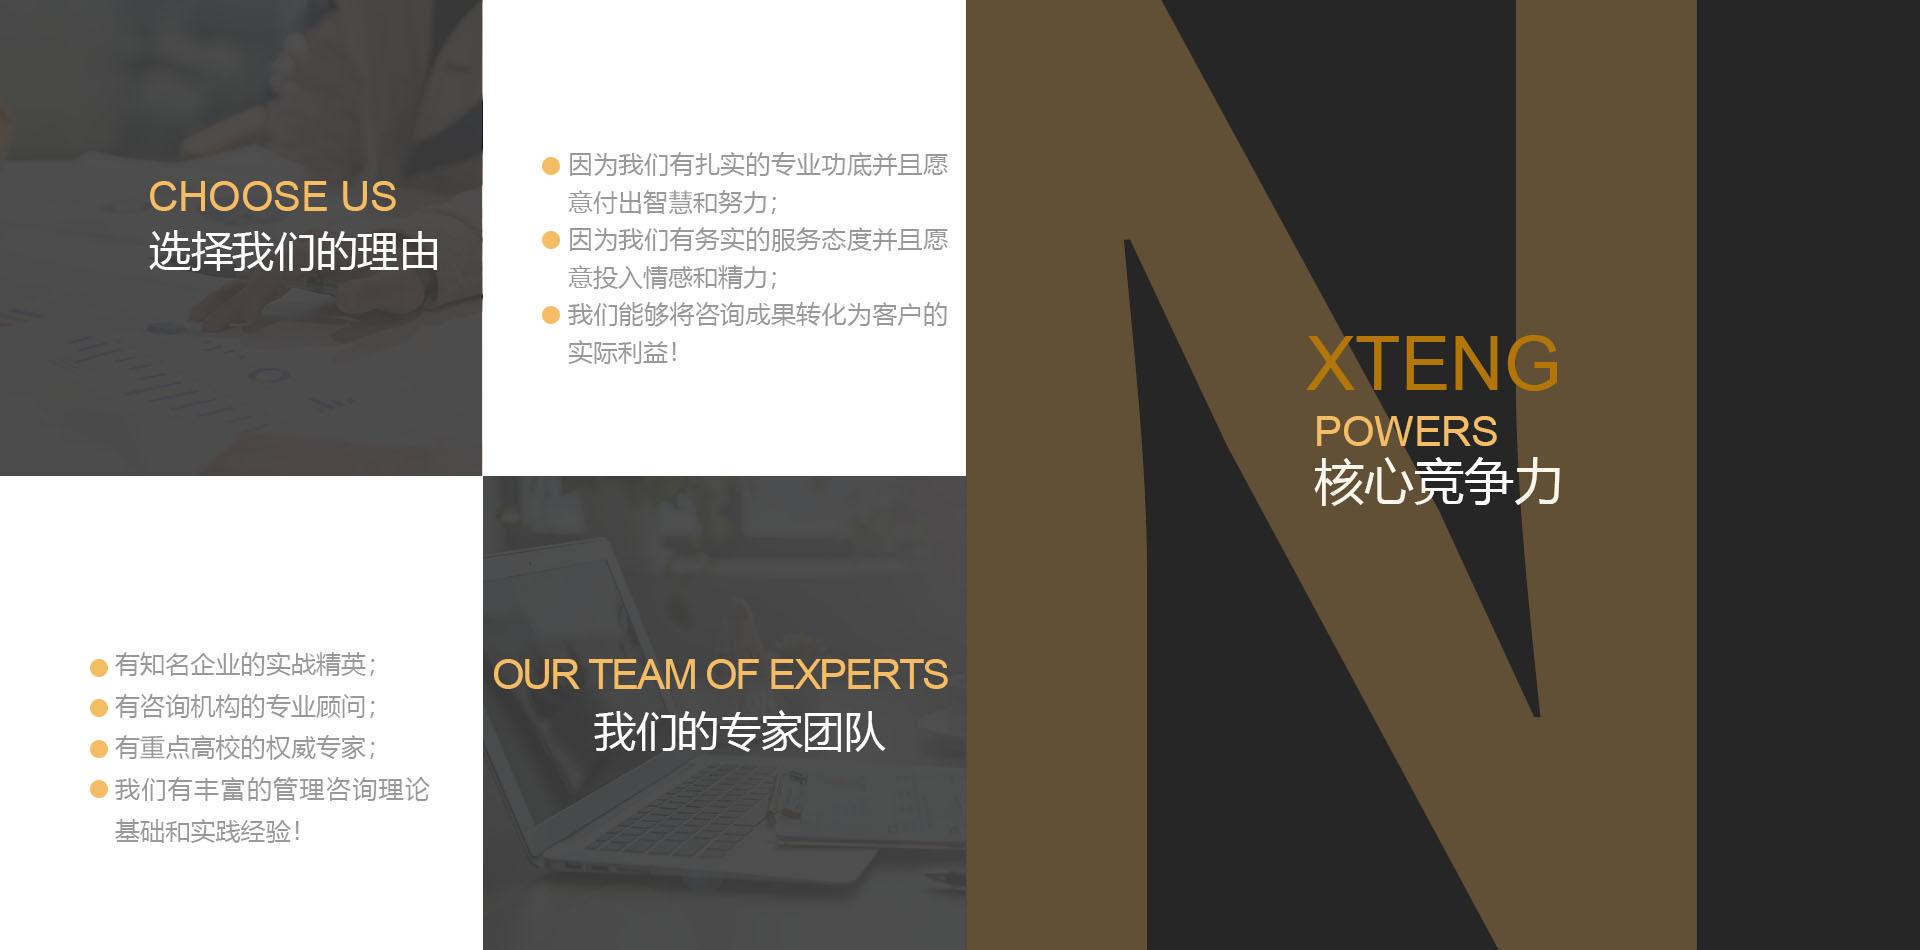 长沙劳务资质代办,湖南劳务资质代办,长沙建筑资质代办-湖南星腾企业管理有限公司